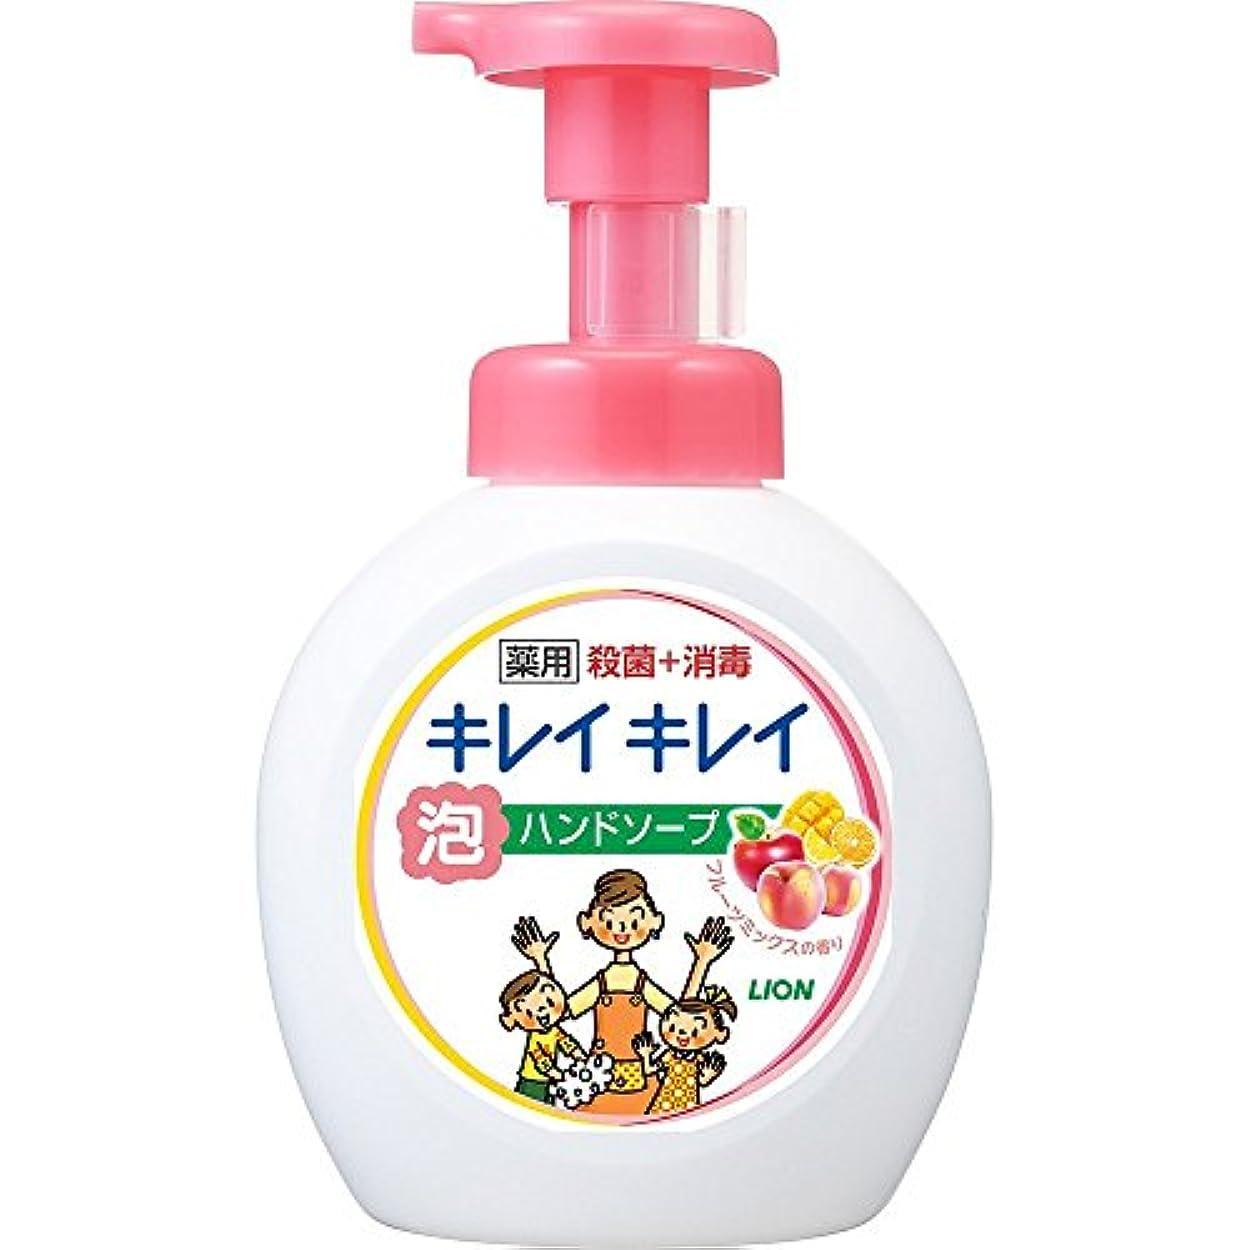 蓄積する留め金ジャーナリストキレイキレイ 薬用 泡ハンドソープ フルーツミックスの香り 本体ポンプ 大型サイズ 500ml(医薬部外品)